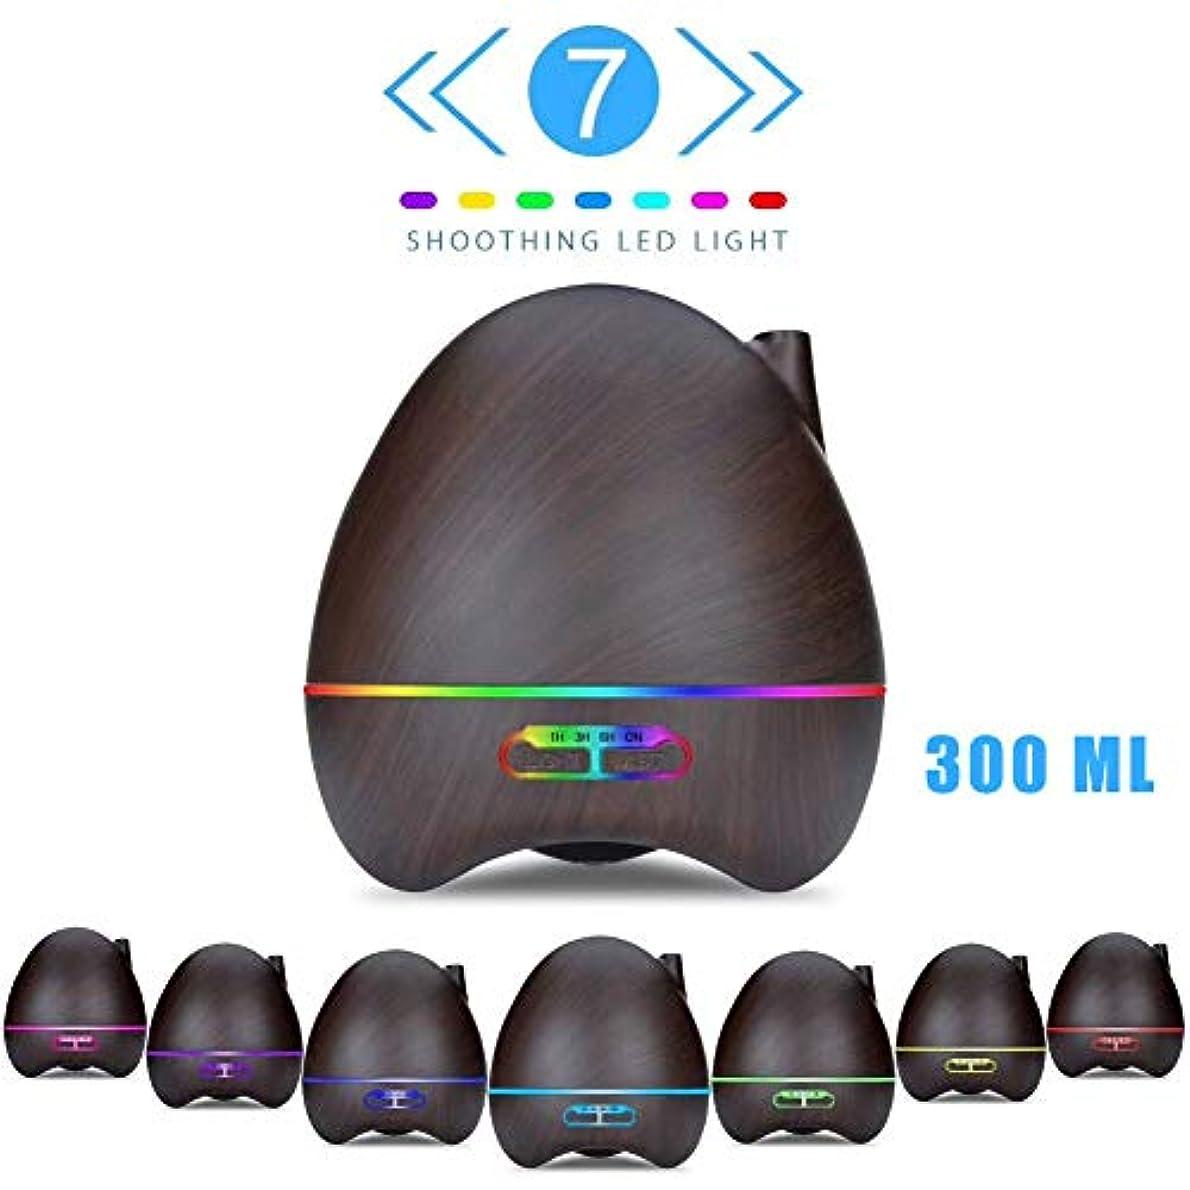 教育学ポジティブ付属品エッセンシャルオイルディフューザー、300ml木目アロマセラピーディフューザー調節可能なミストモードのクールミストアロマ加湿器7色LEDライト